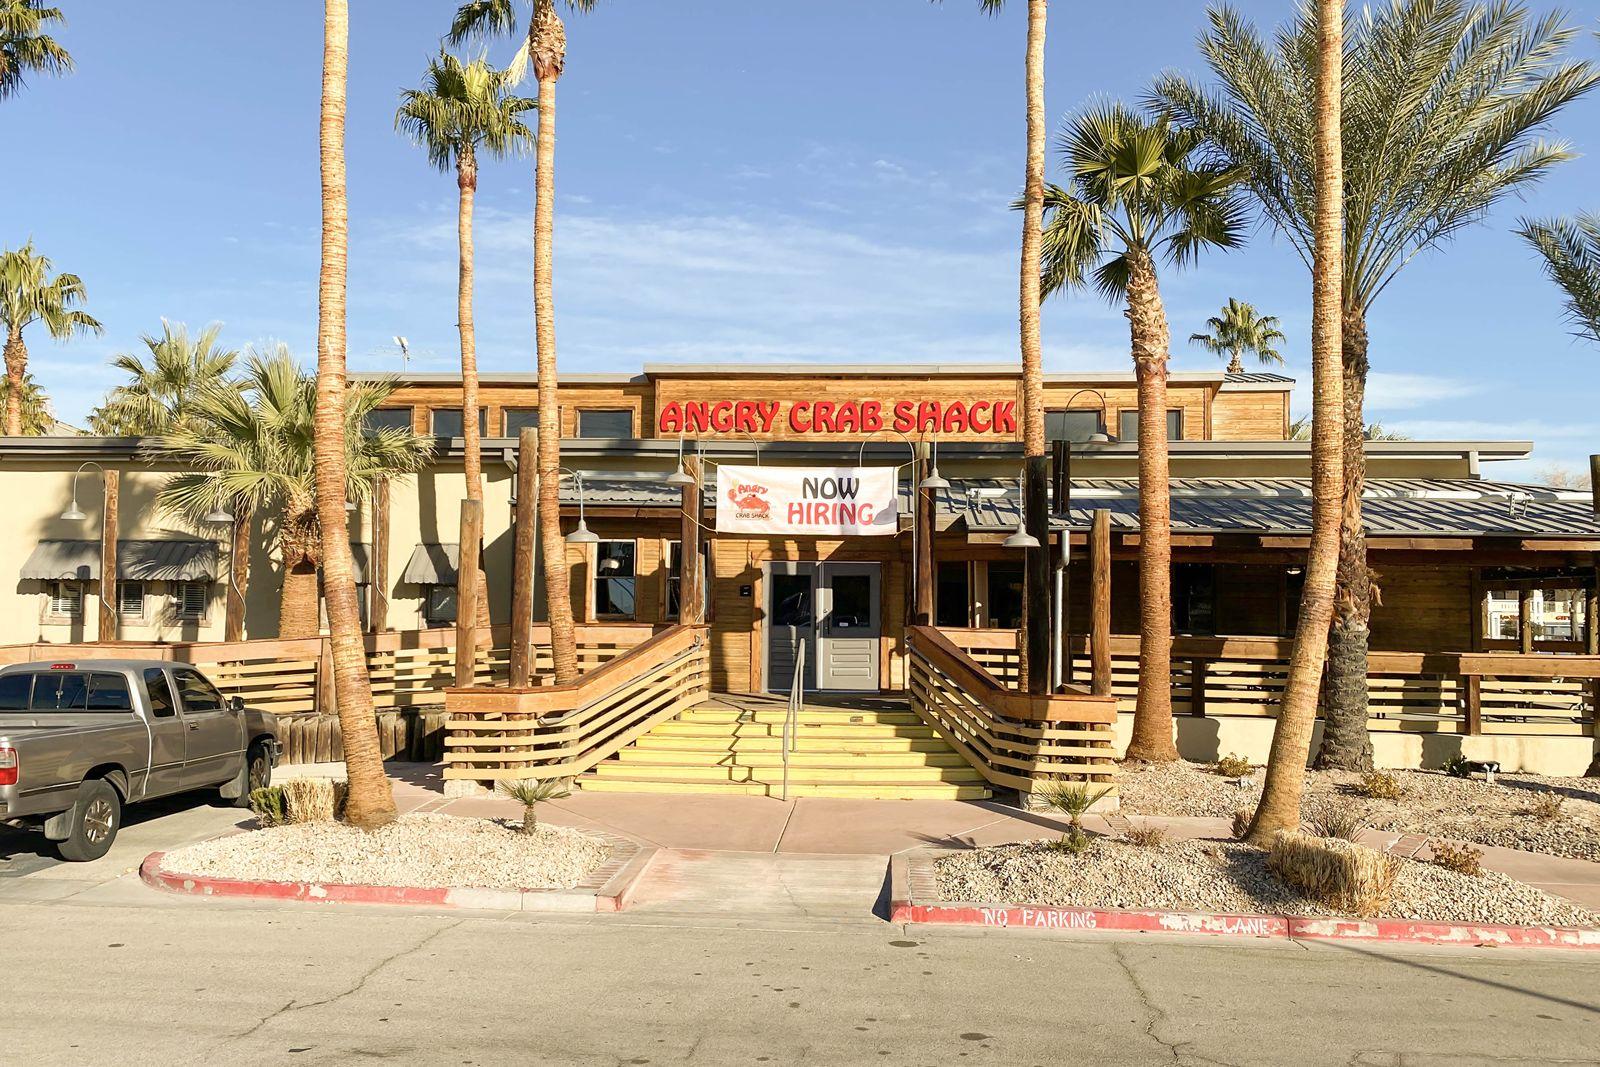 Angry Crab Shack ouvre un nouveau restaurant juste à l'extérieur de Las Vegas;  Un nouvel emplacement marque une étape de croissance majeure pour la franchise basée en Arizona